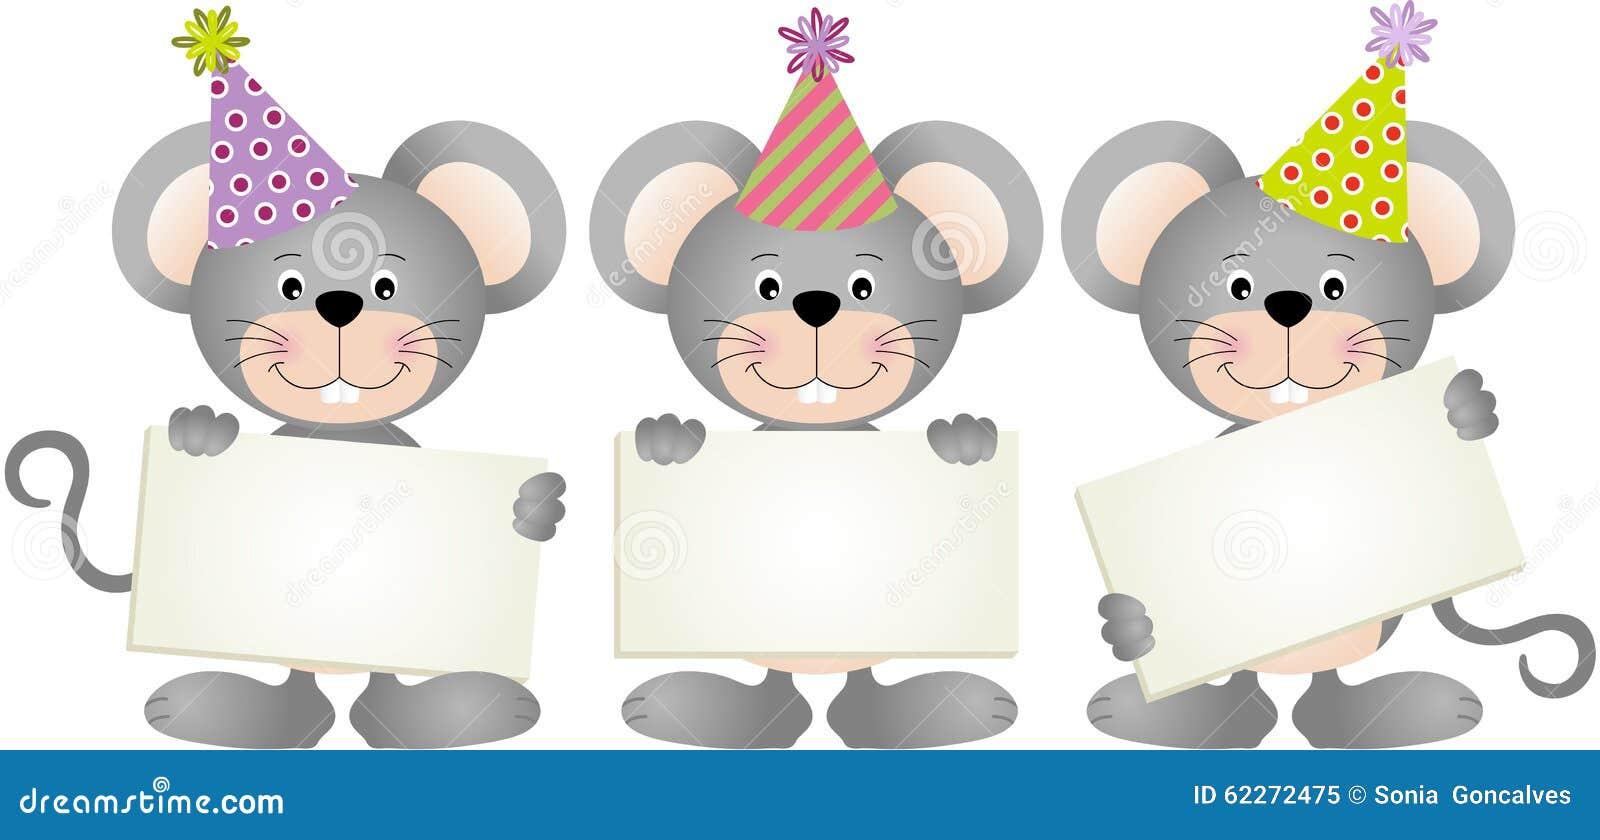 Mouses do aniversário com quadros indicadores